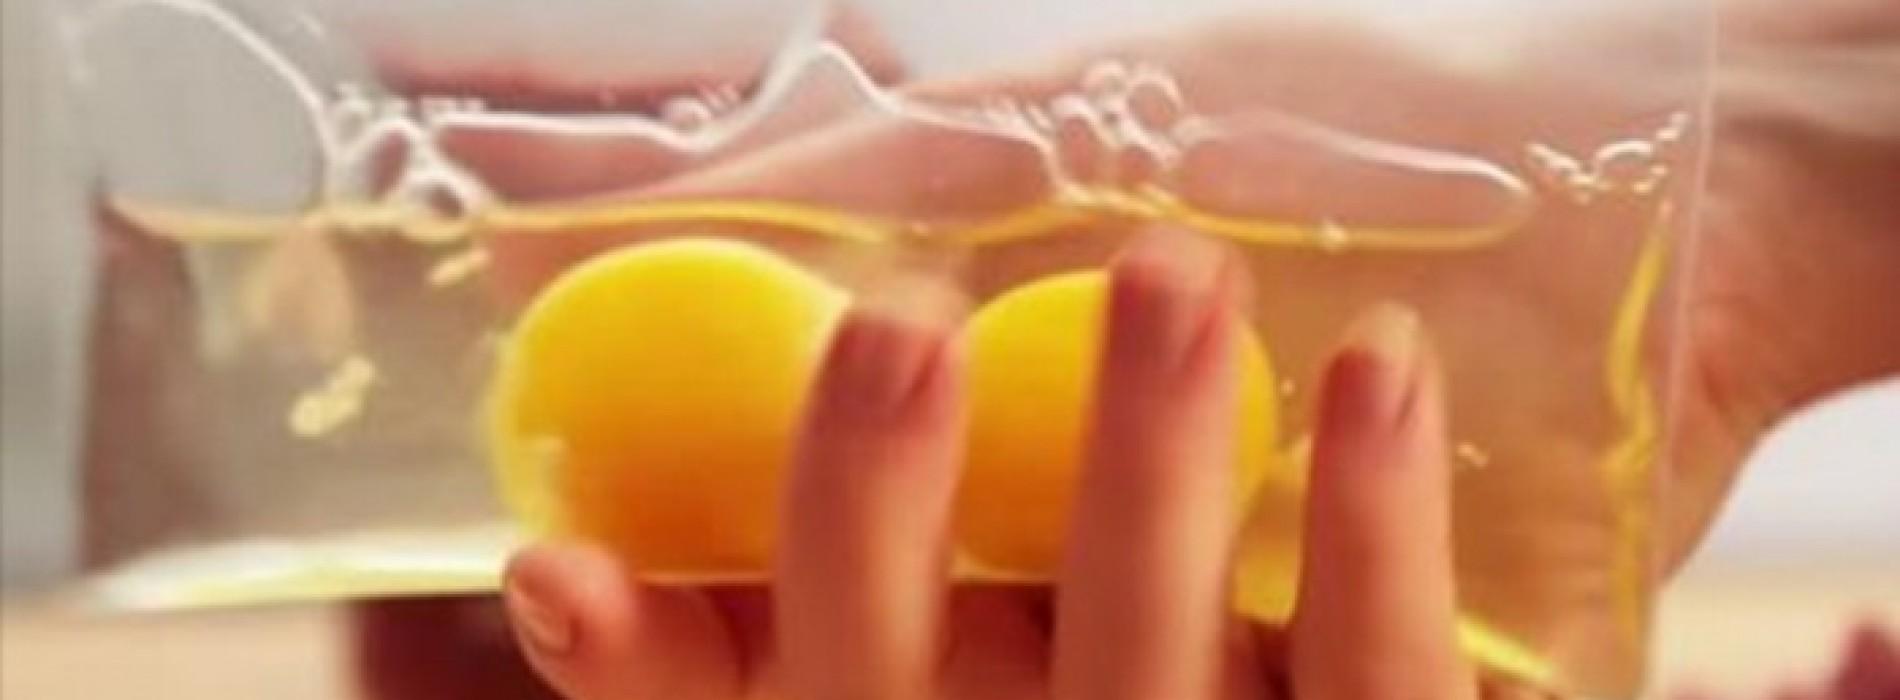 Ze Doet 2 Eieren In Een Plastic Zakje. Toen Ik Zag Waarom, Rende Ik METEEN Naar De Keuken!